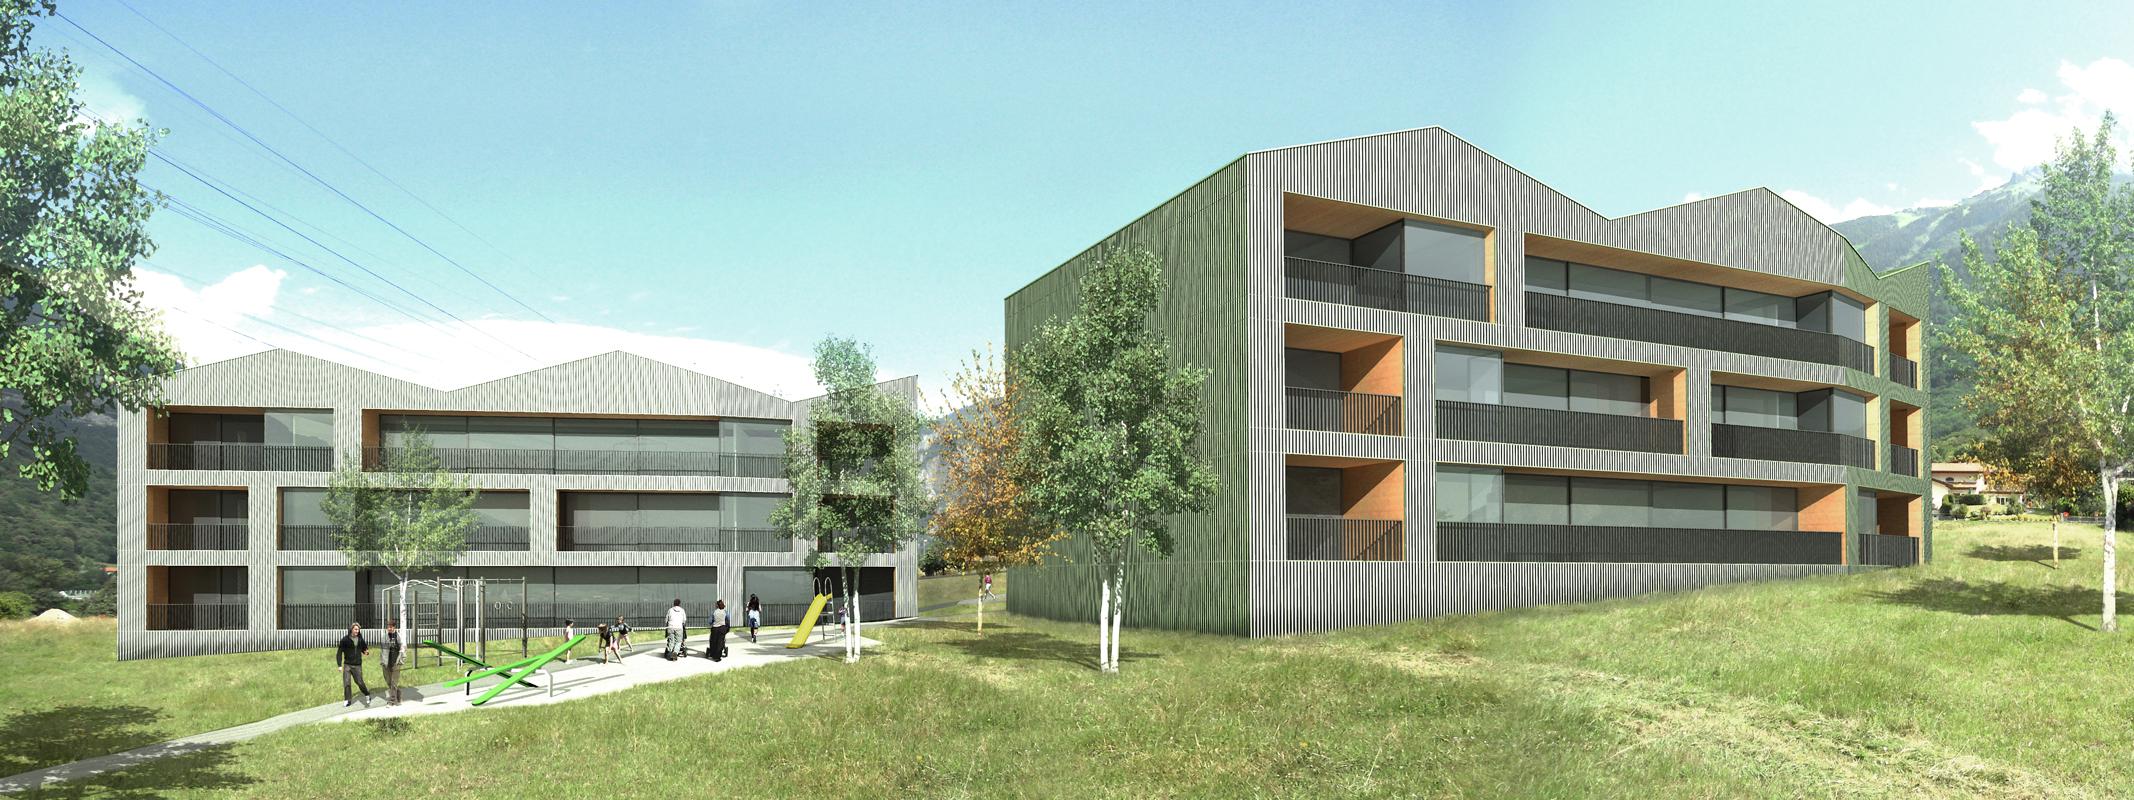 construction d'immeubles d'habitations à collonges - 2011 - 1er prix - cheseauxrey sàrl